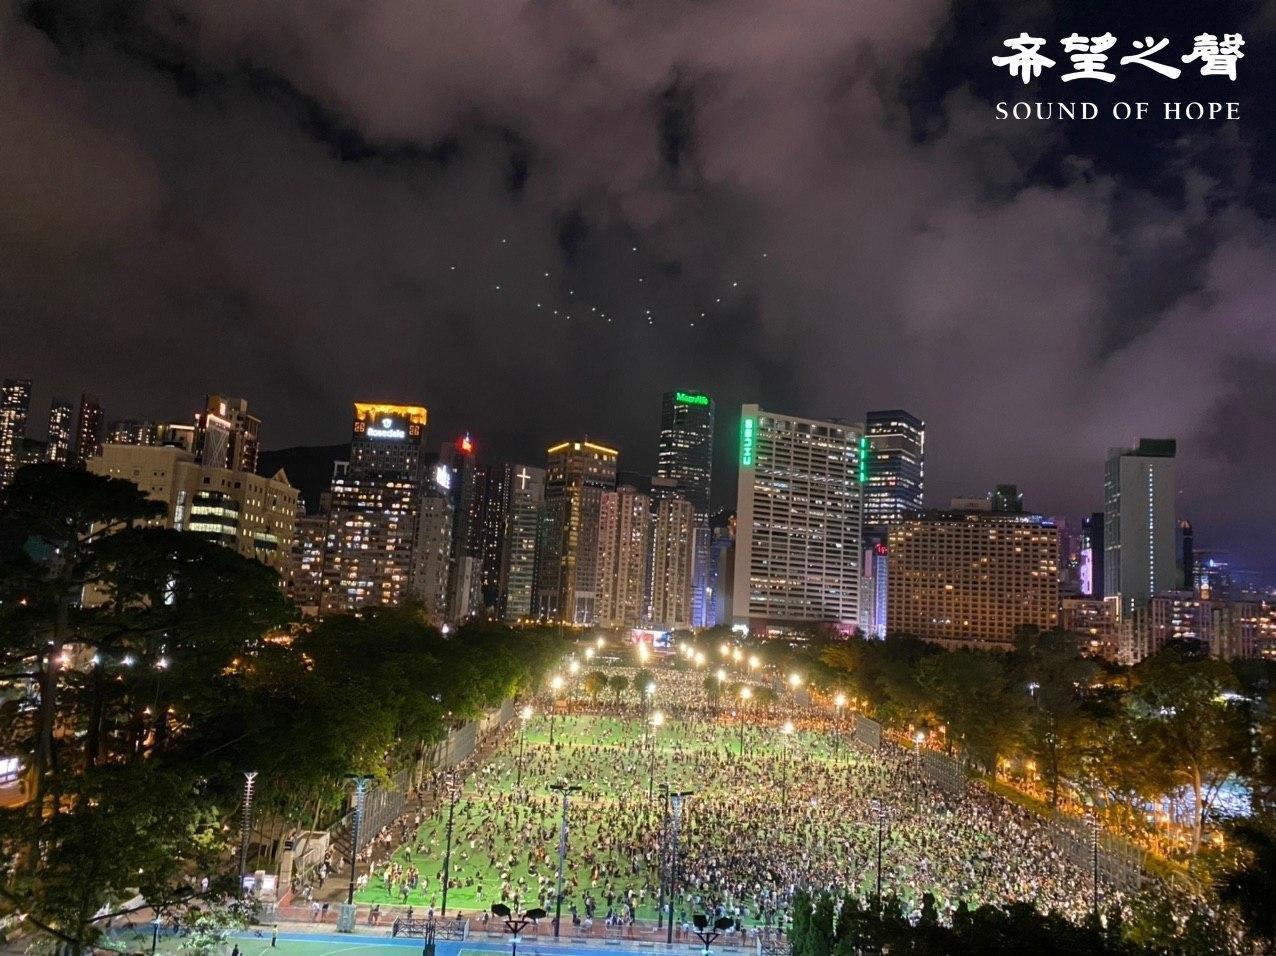 六四31周年,港人无惧打压,大量人潮涌入维园举行悼念活动。(郑铭/SOH)